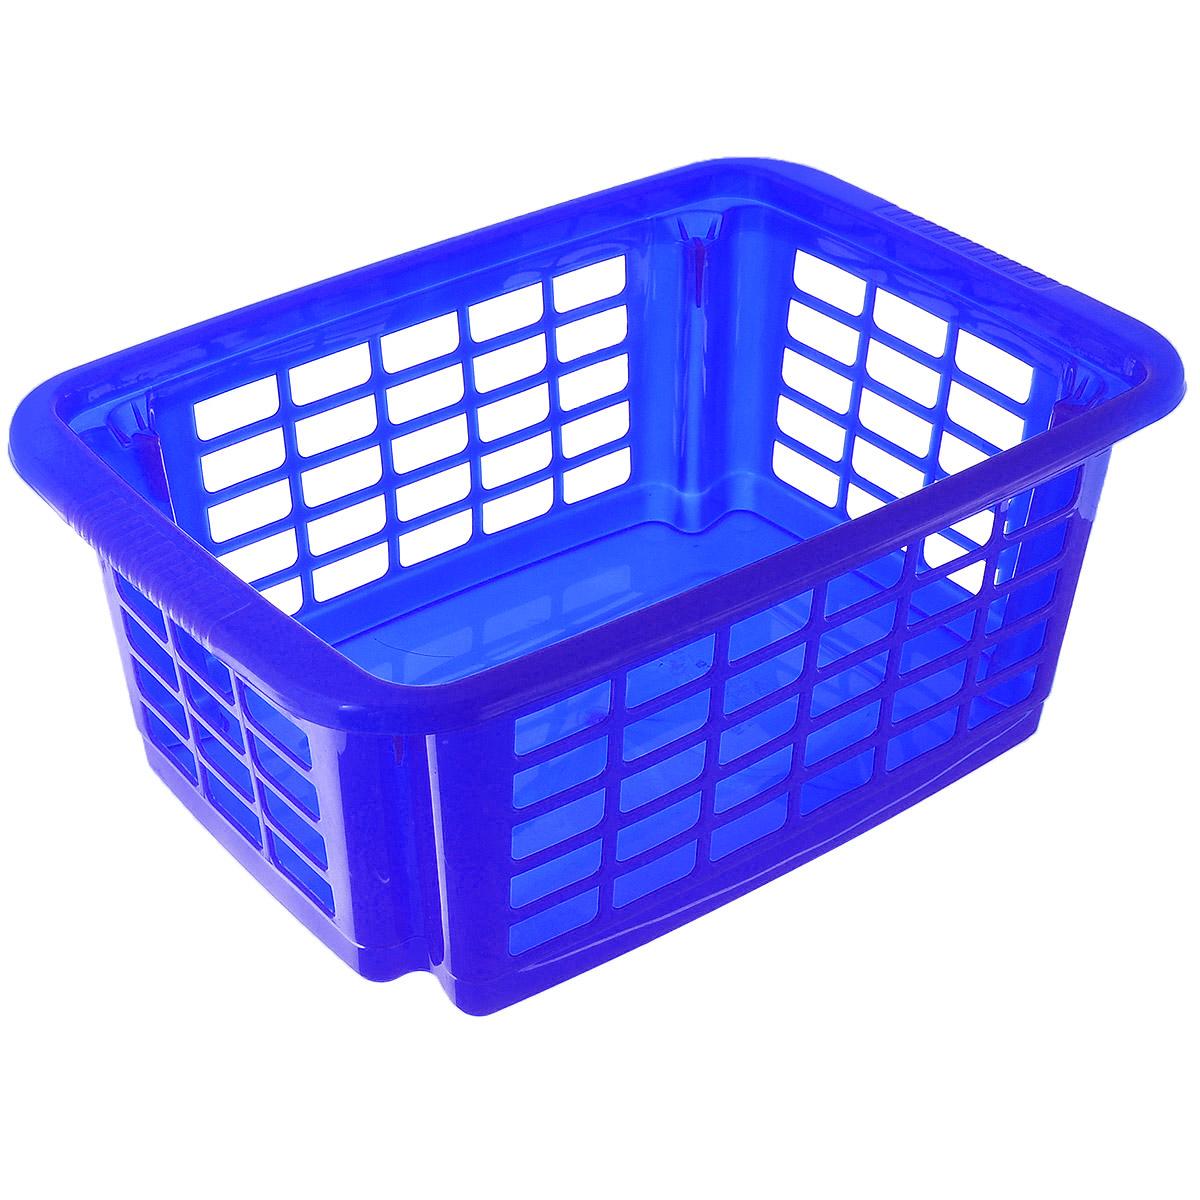 Корзина для хранения Dunya Plastik Стакер, цвет: синий, 12 л. 55075507_синийКлассическая корзина Dunya Plastik Стакер, изготовленная из пластика, предназначена для хранения мелочей в ванной, на кухне, даче или гараже. Позволяет хранить мелкие вещи, исключая возможность их потери. Это легкая корзина со сплошным дном и перфорированными стенками. Корзина имеет специальные выемки внизу и вверху, позволяющие устанавливать корзины друг на друга.